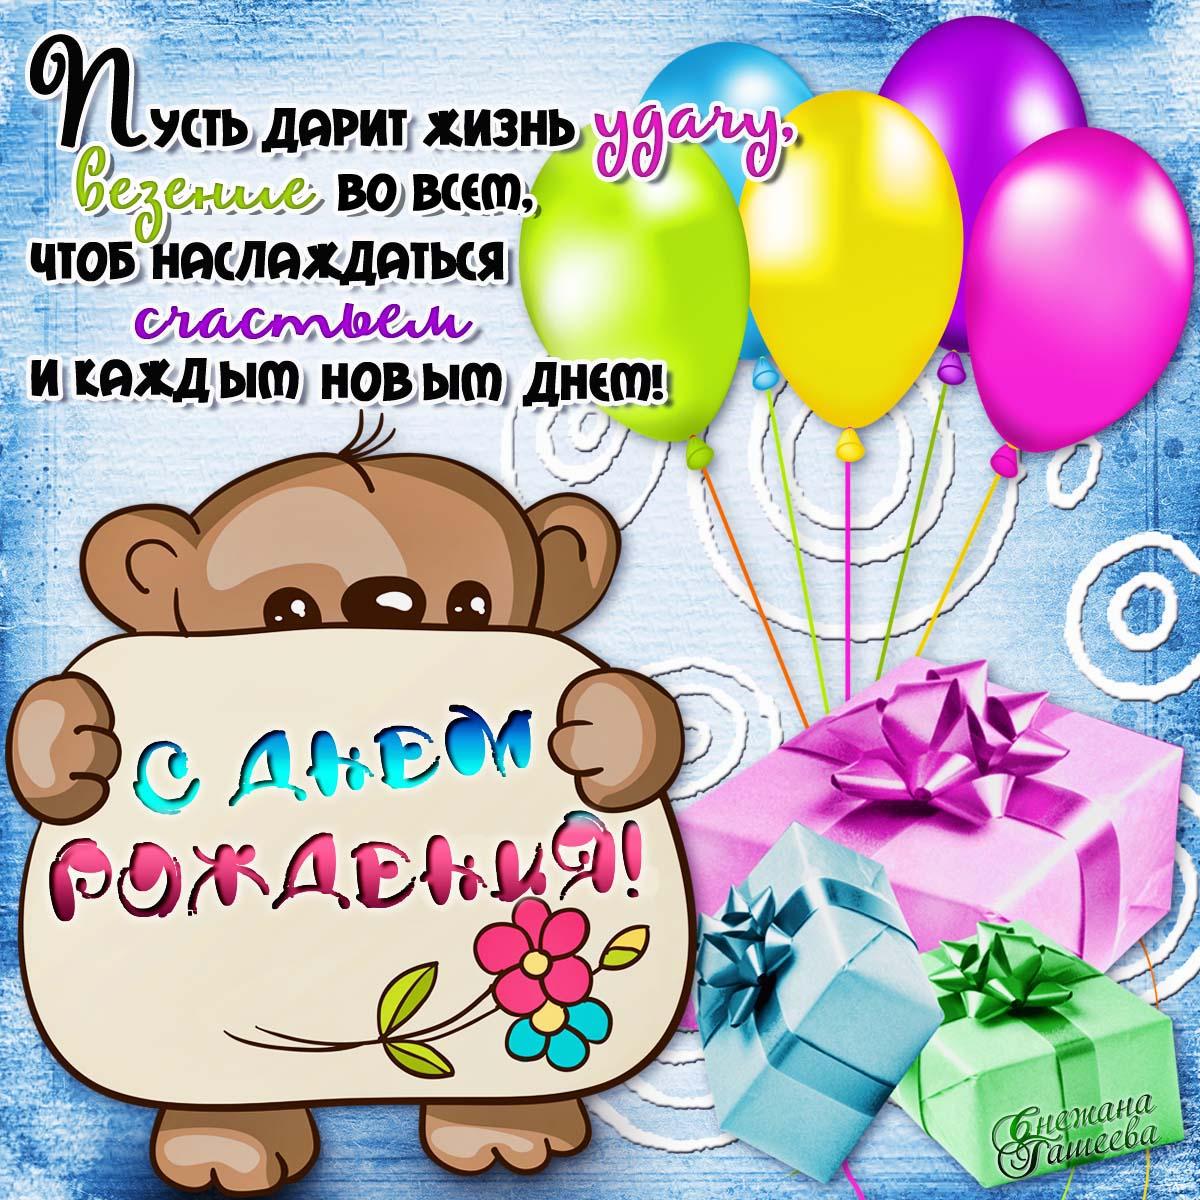 поздравление с днем рождения противнику медную